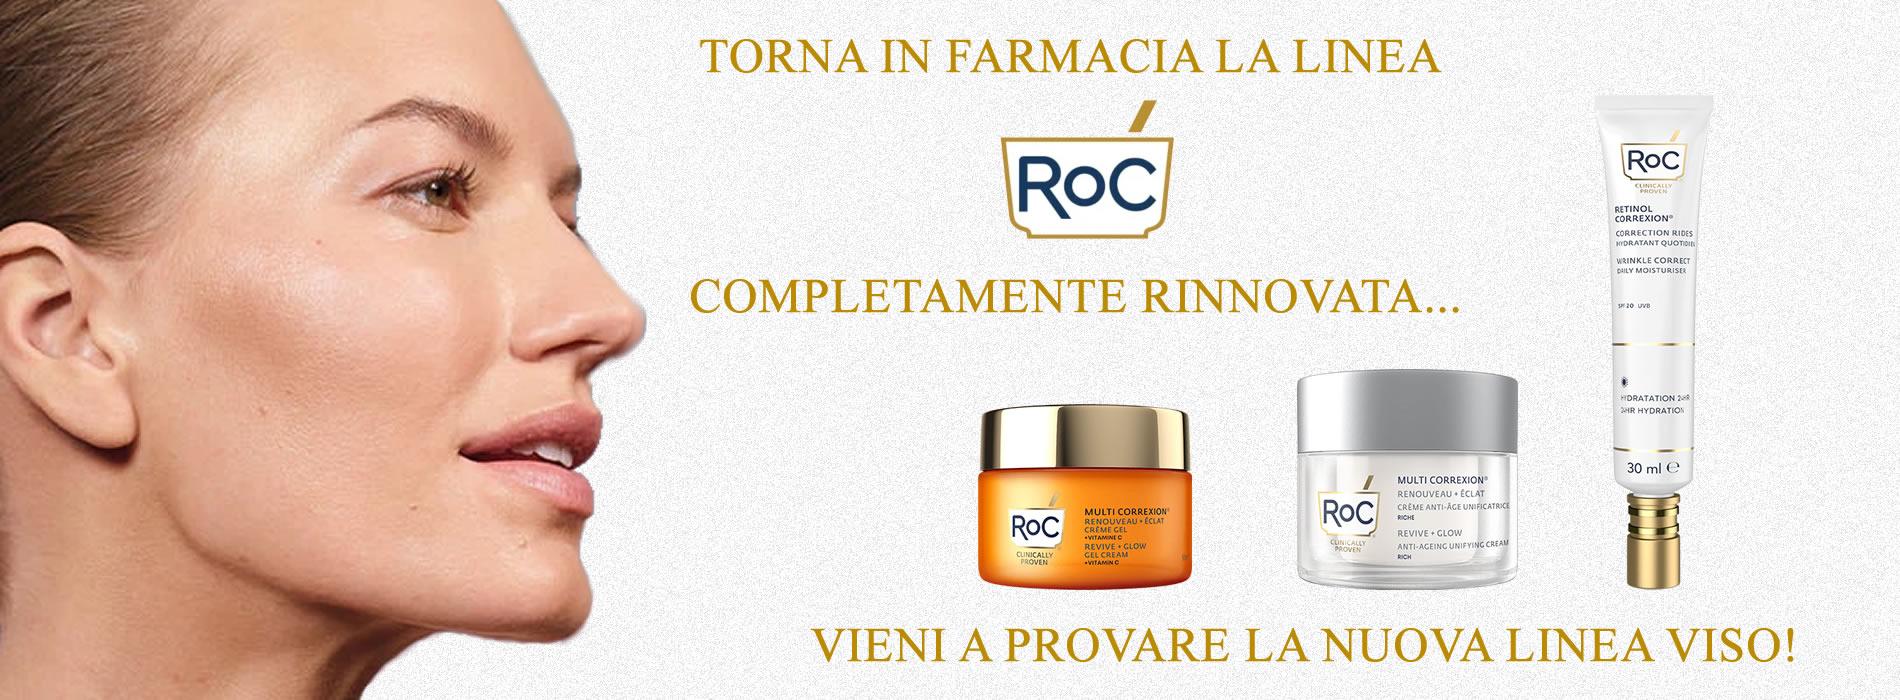 Roc-Como